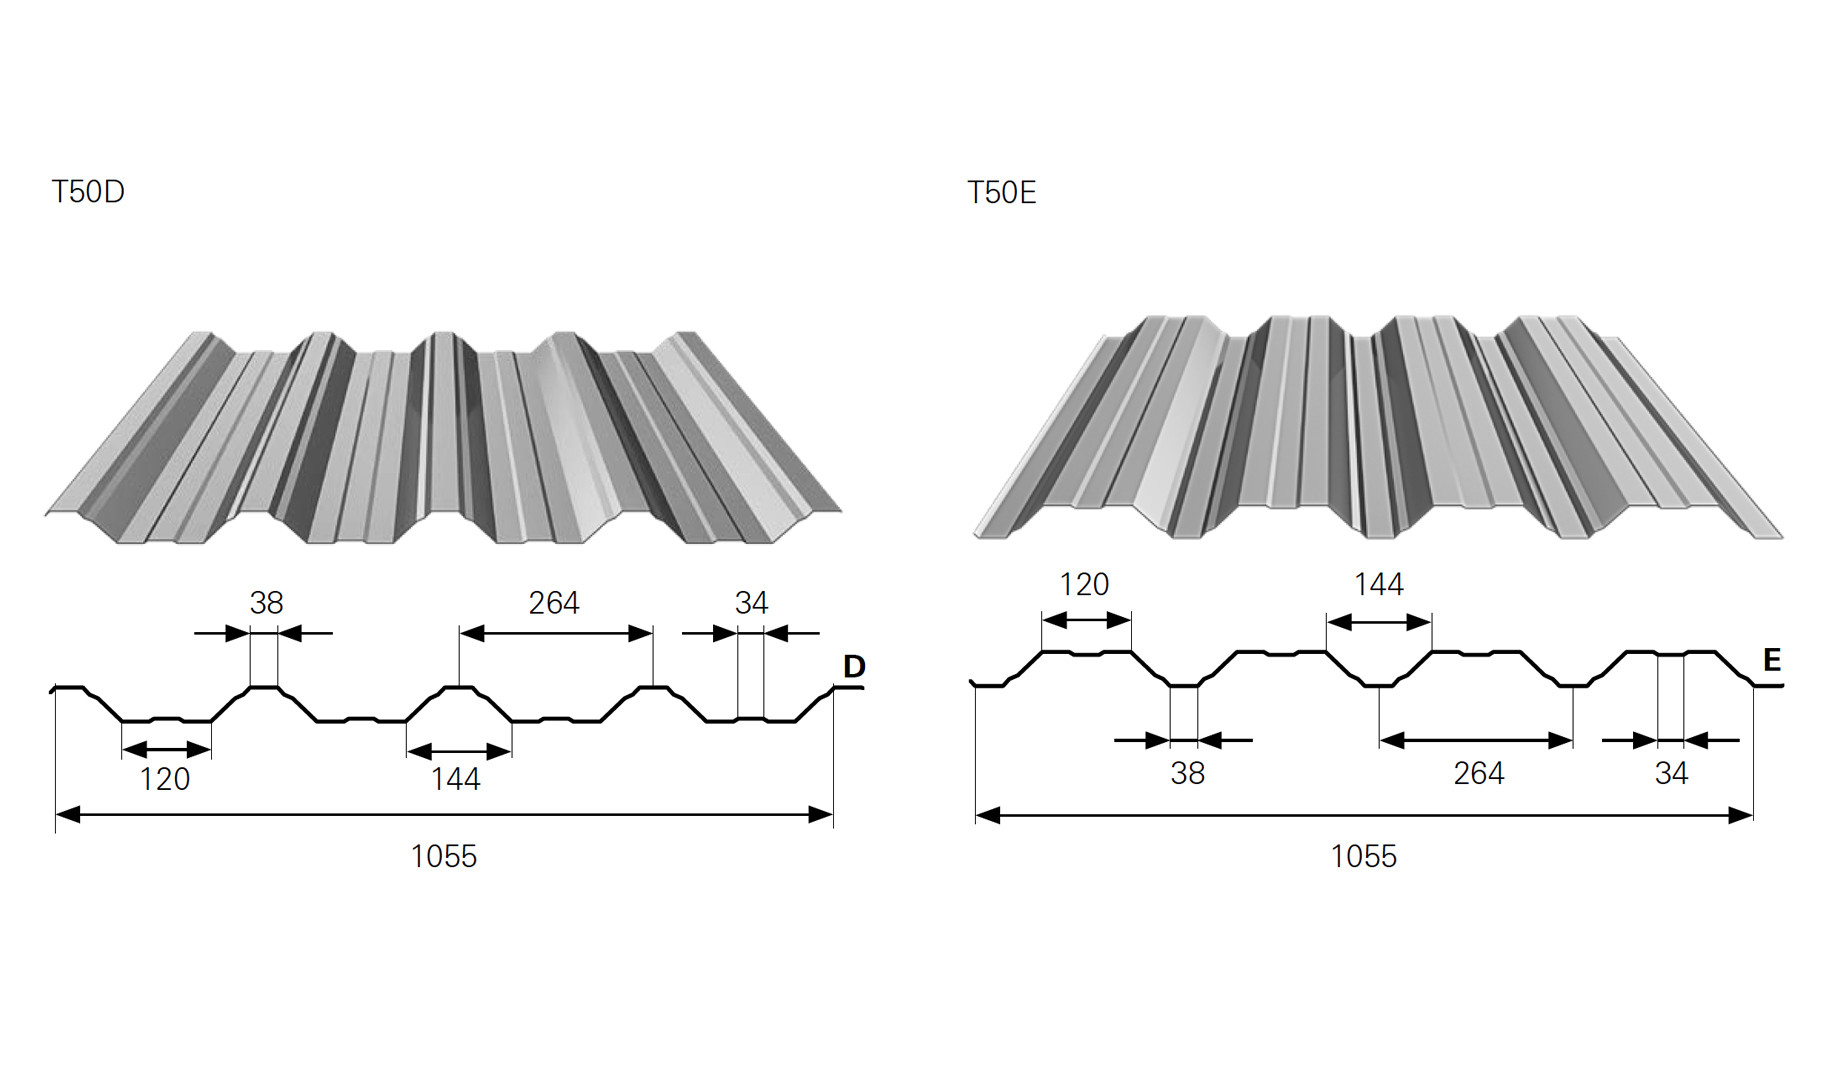 blacha trapezowa t50 specyfikacja